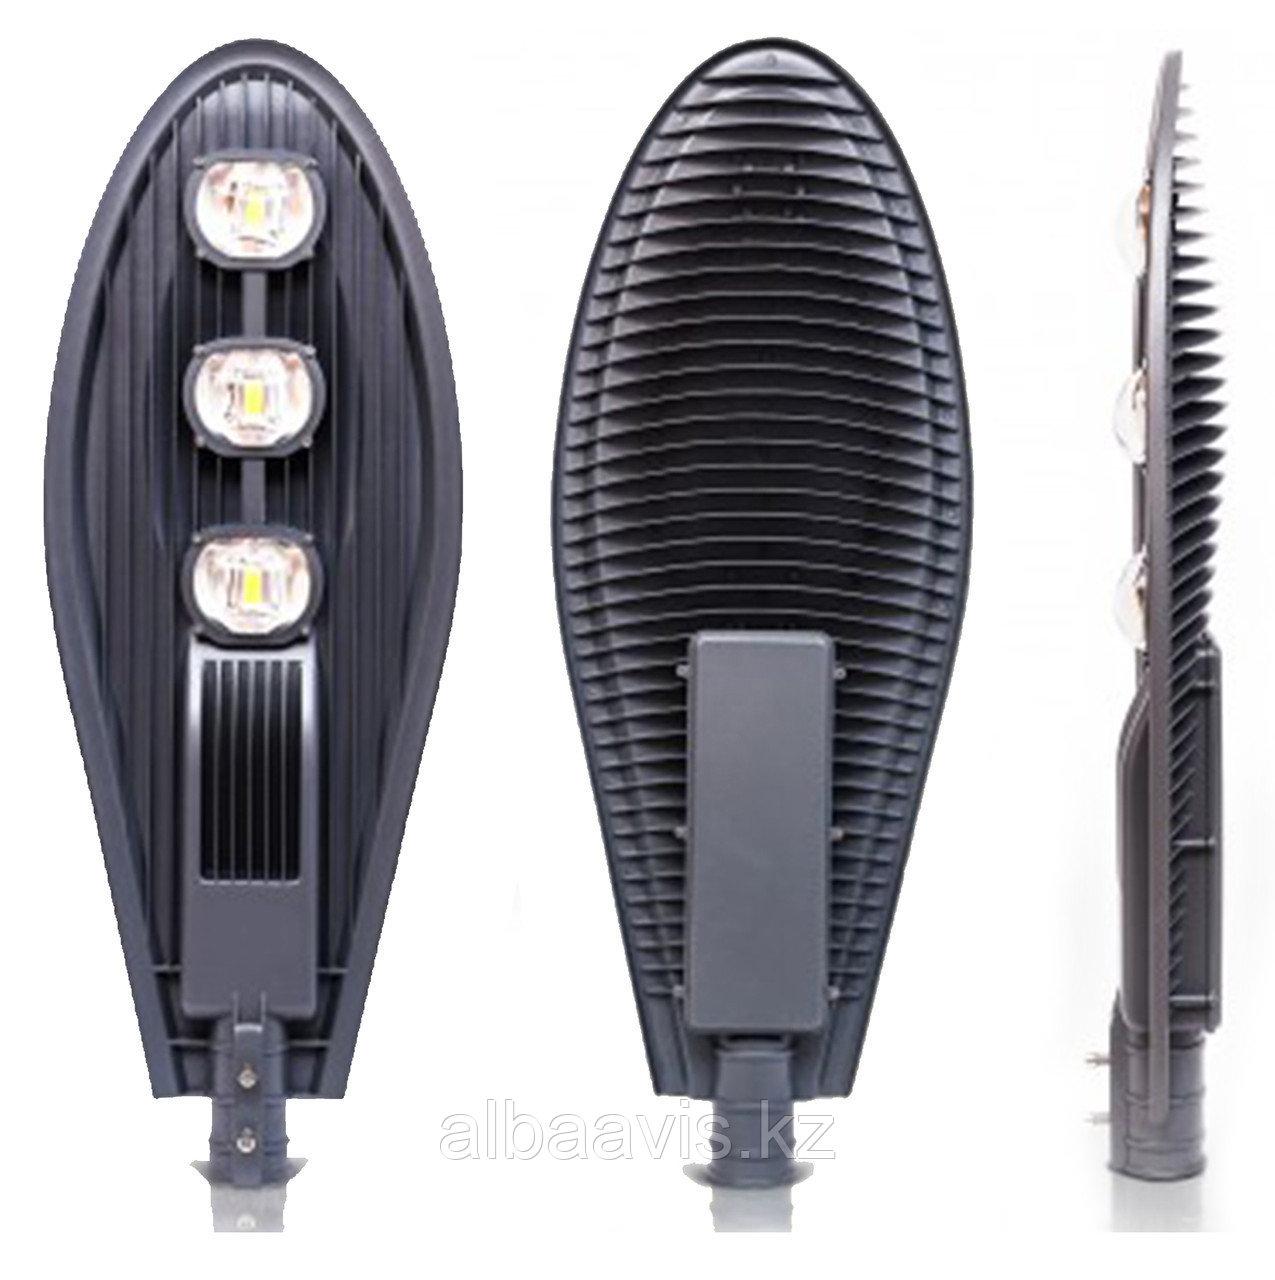 Консольный уличный светодиодный светильник 150 w СКУ Кобра. Уличный фонарь на кронштейн. LED светильник Кобра